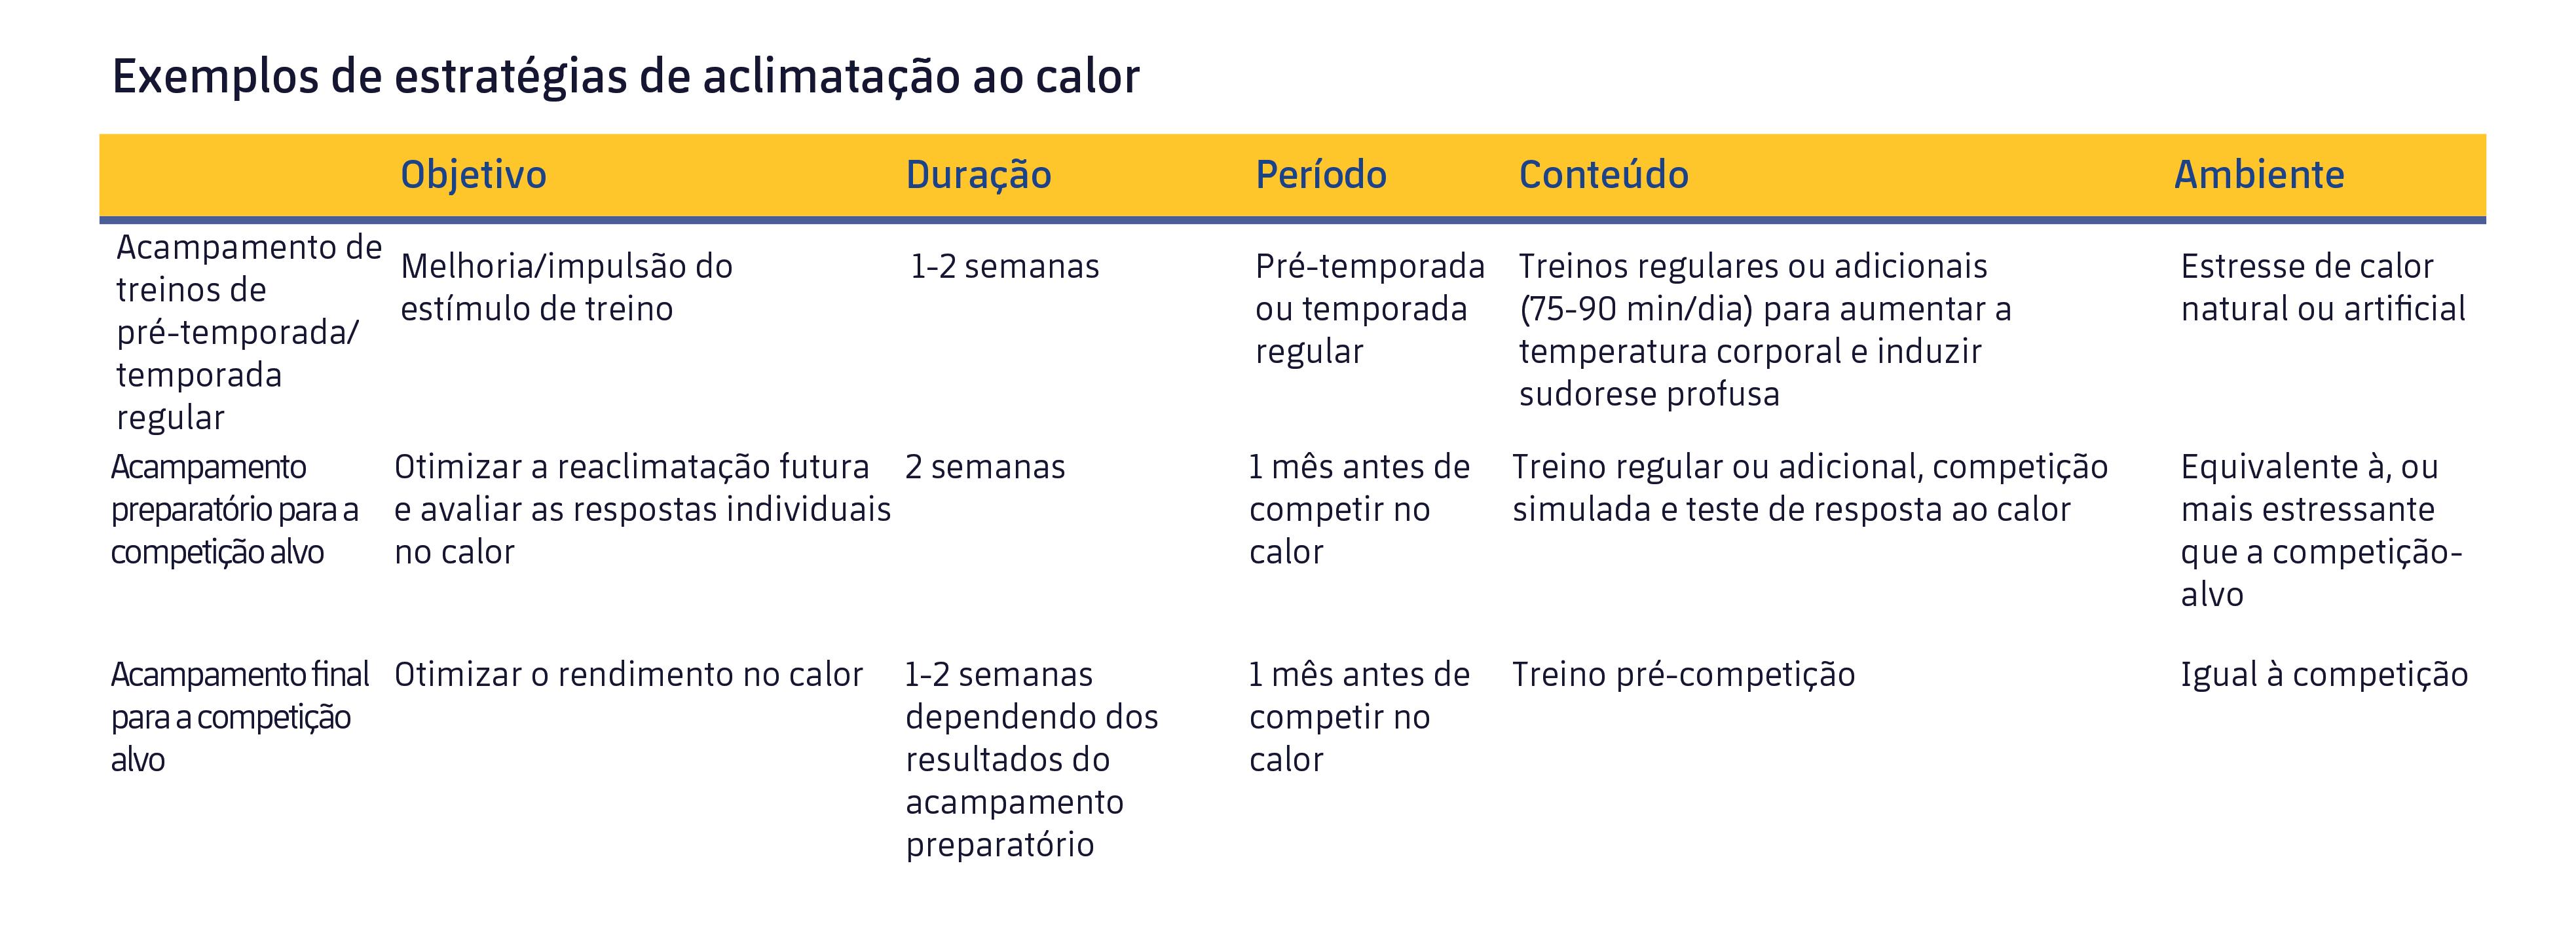 Figura 2. Estratégias para otimizar a aclimatação antes de uma competição. Adaptado de Racinais et al. (2015).